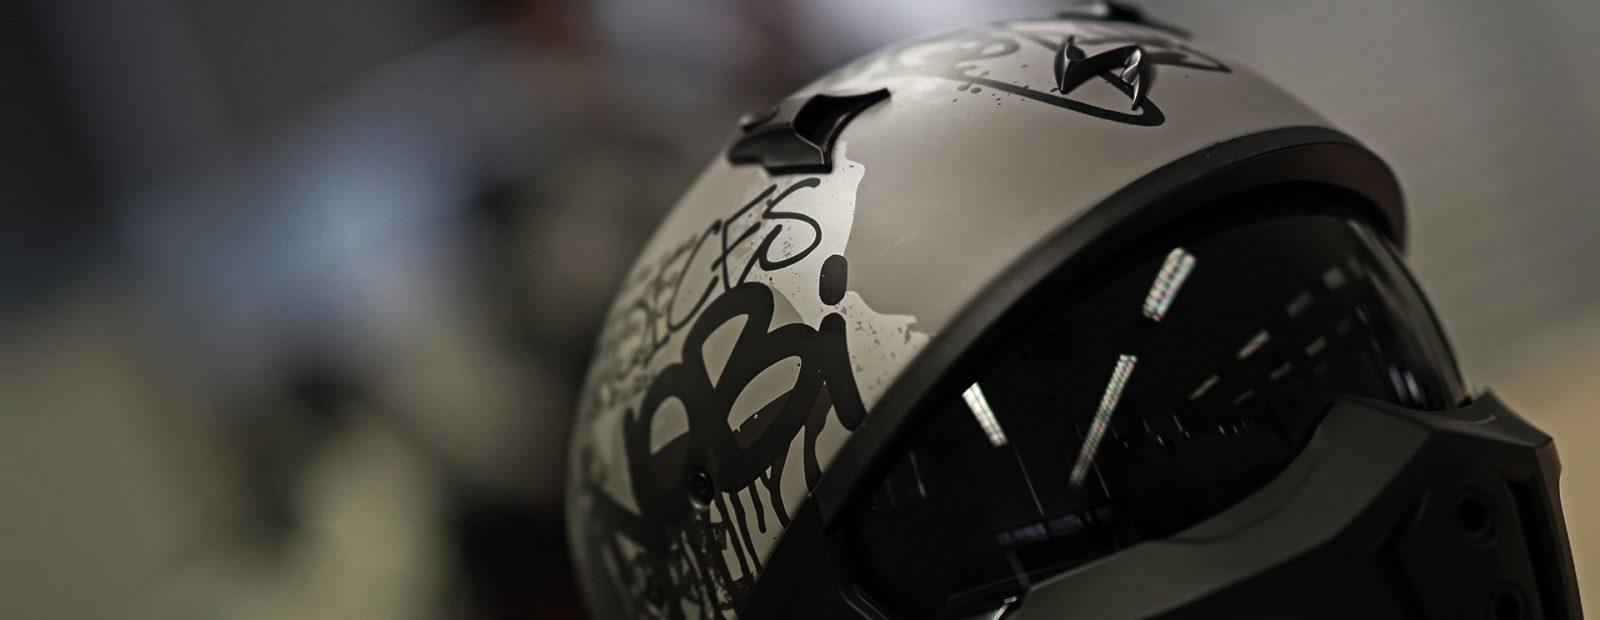 """""""一盔一带""""安全守护行动下 摩托车头盔企业如何加速设计研发?"""